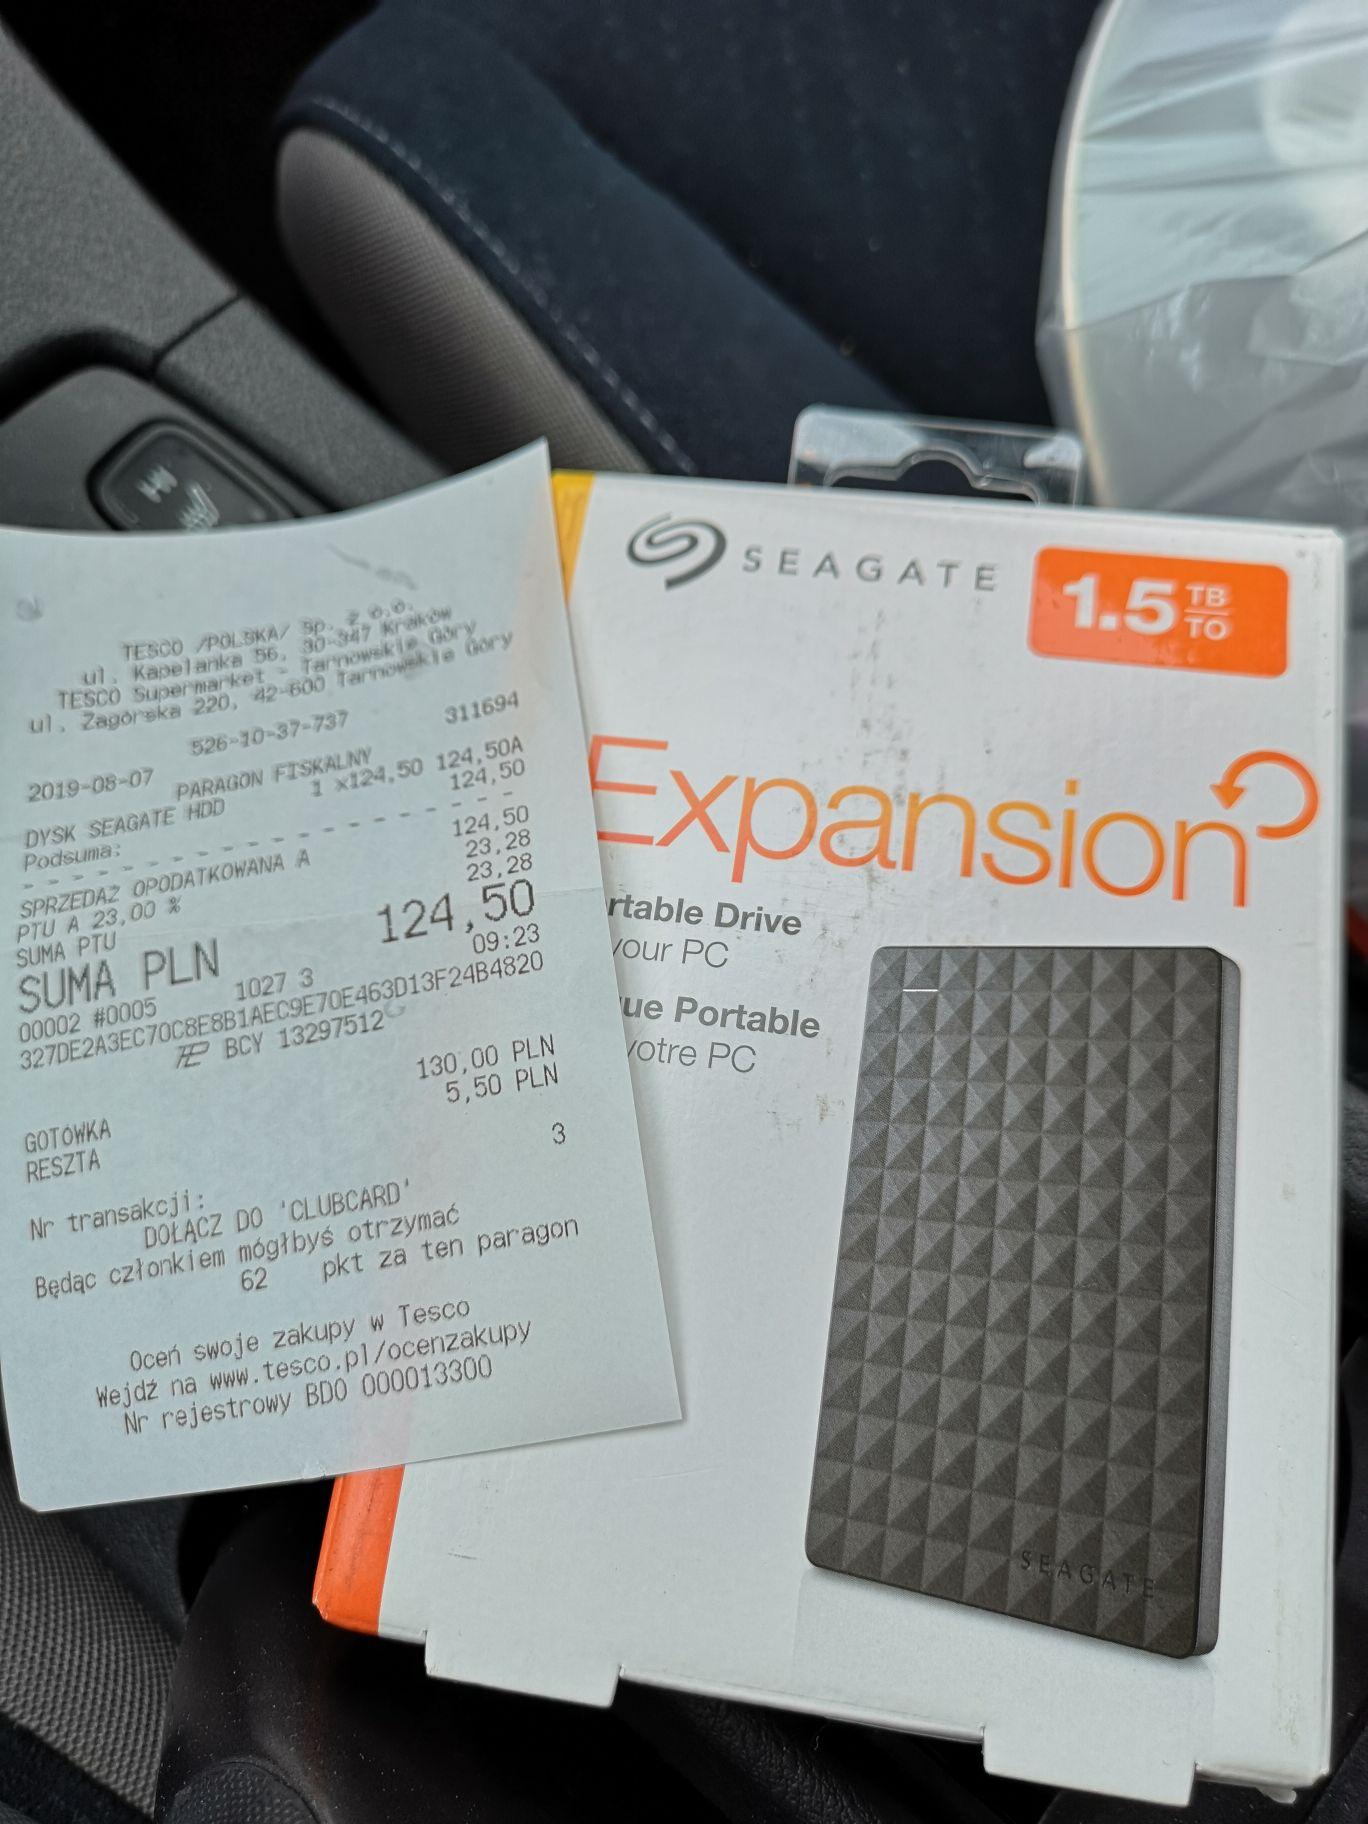 Seagate expansion 1.5 TB dysk zewnętrzny, 50% taniej TESCO